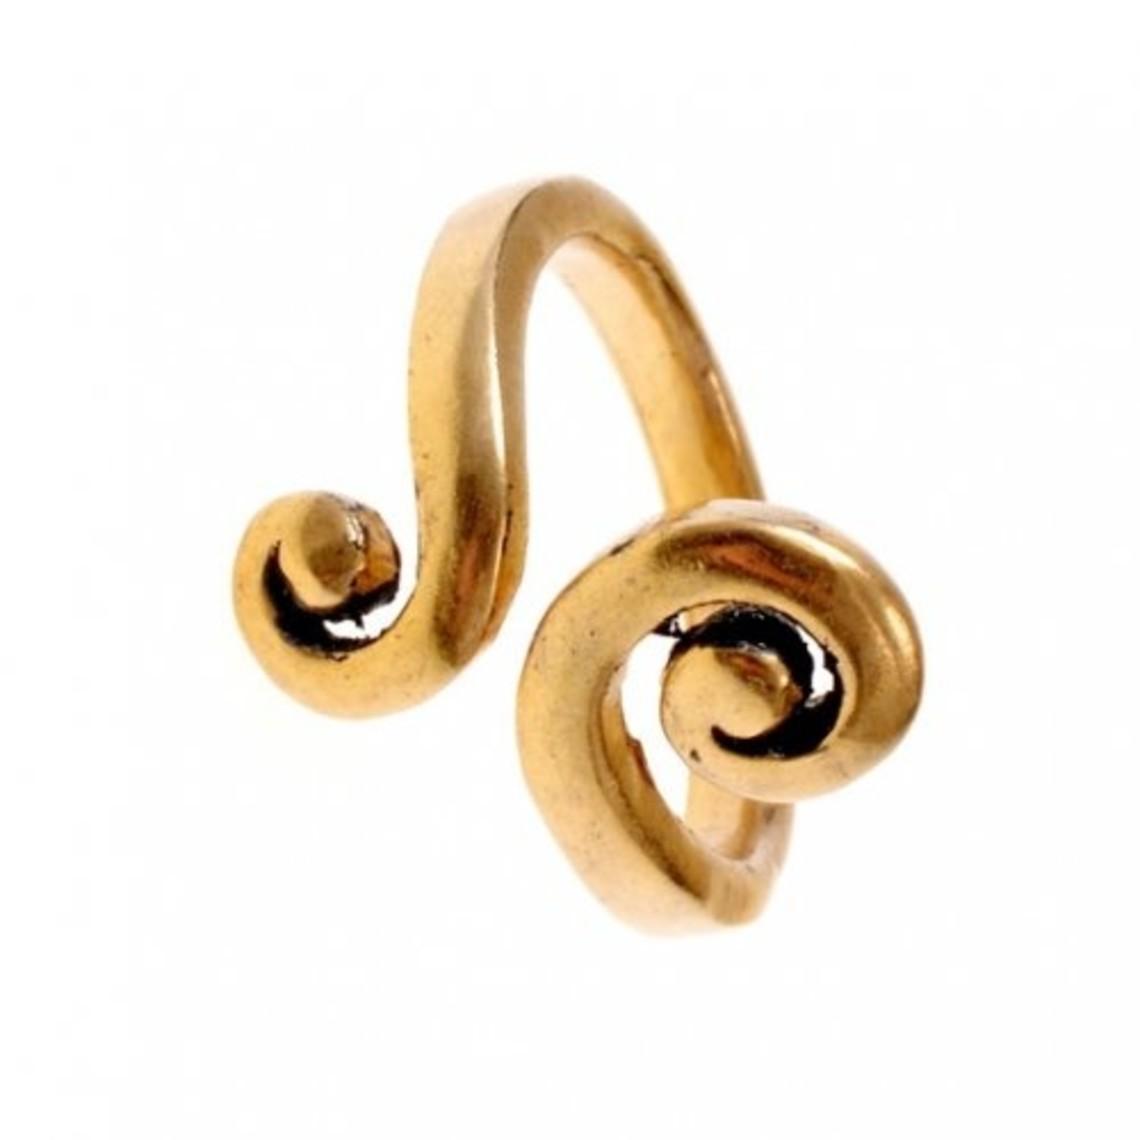 Anello celtica con motivo a spirale stilizzato, bronzo